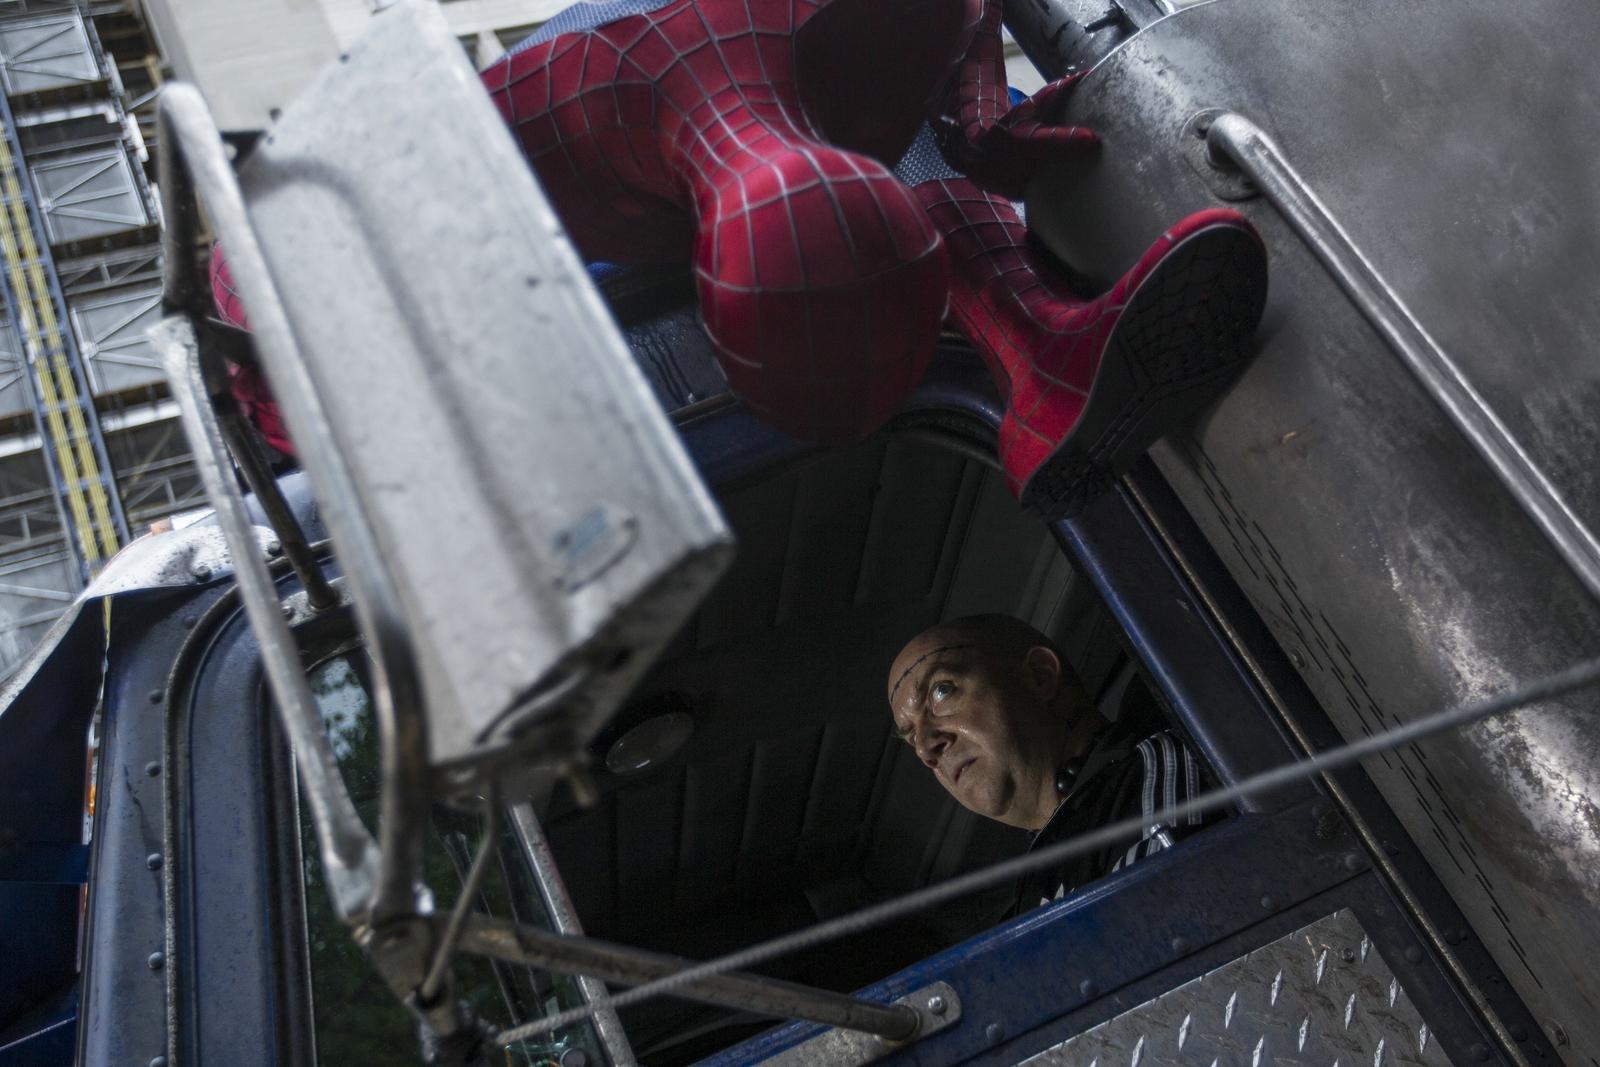 Человек паук высокое напряжение смотреть онлайн бесплатно 13 фотография